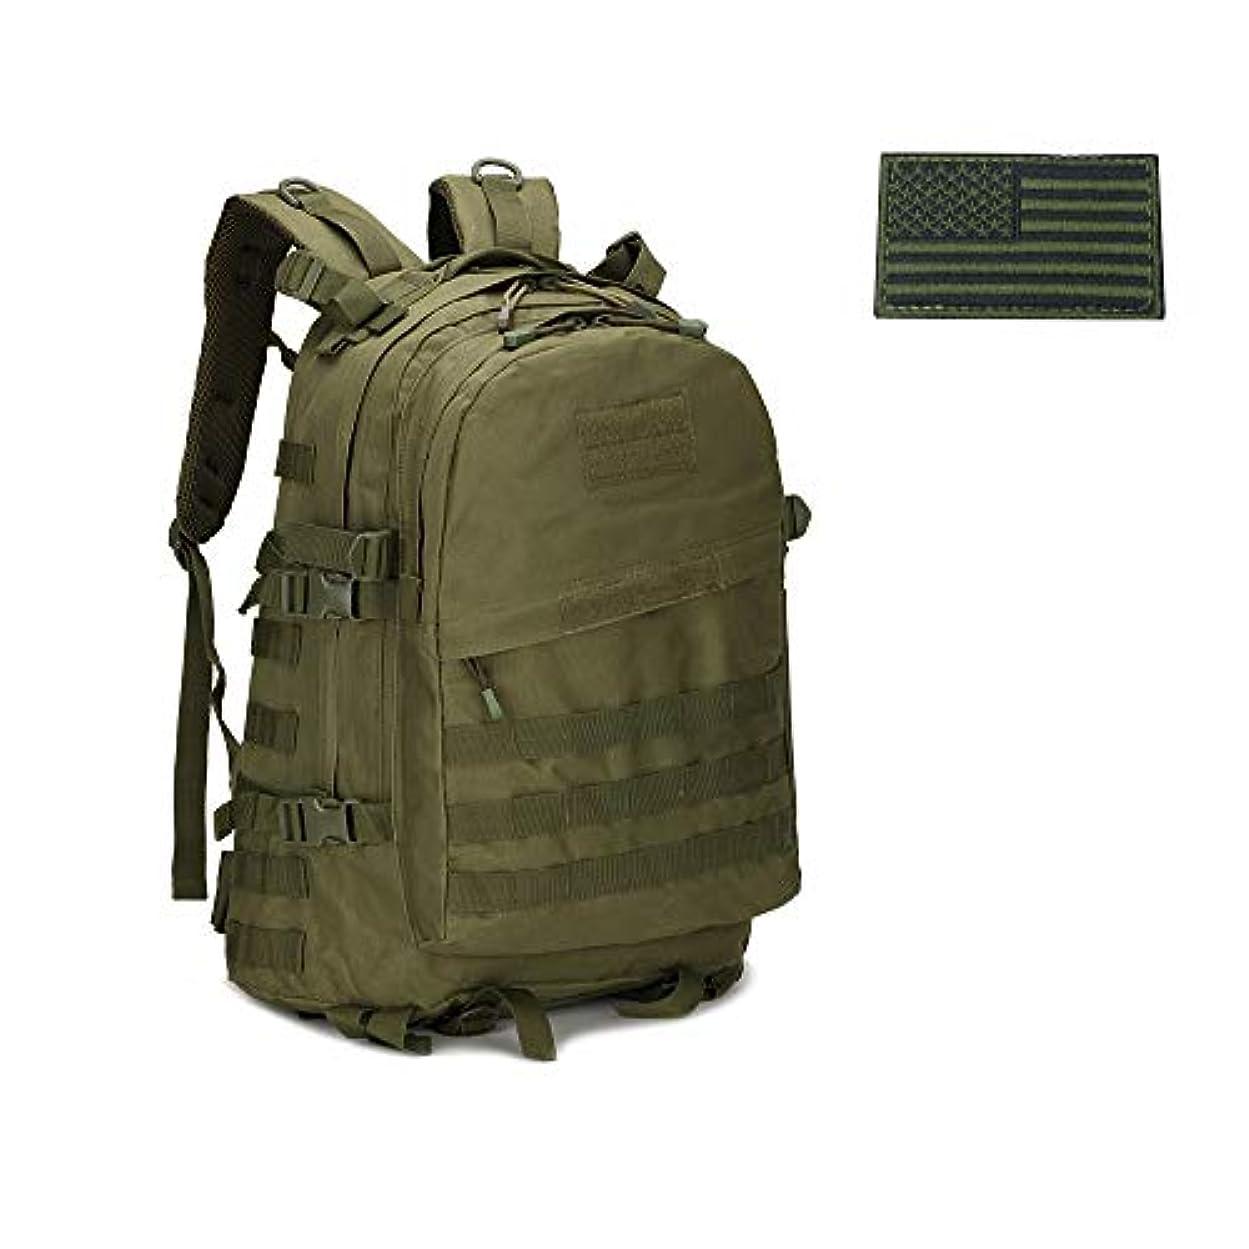 対角線風味滴下Fami 3 DayアサルトバックパックMOLLEシステム用のフラグパッチをハイキング、キャンプアウトドアハンティング、タクティカルバックパック、ミリタリーバックパック、陸軍バグアウトバッグ30l